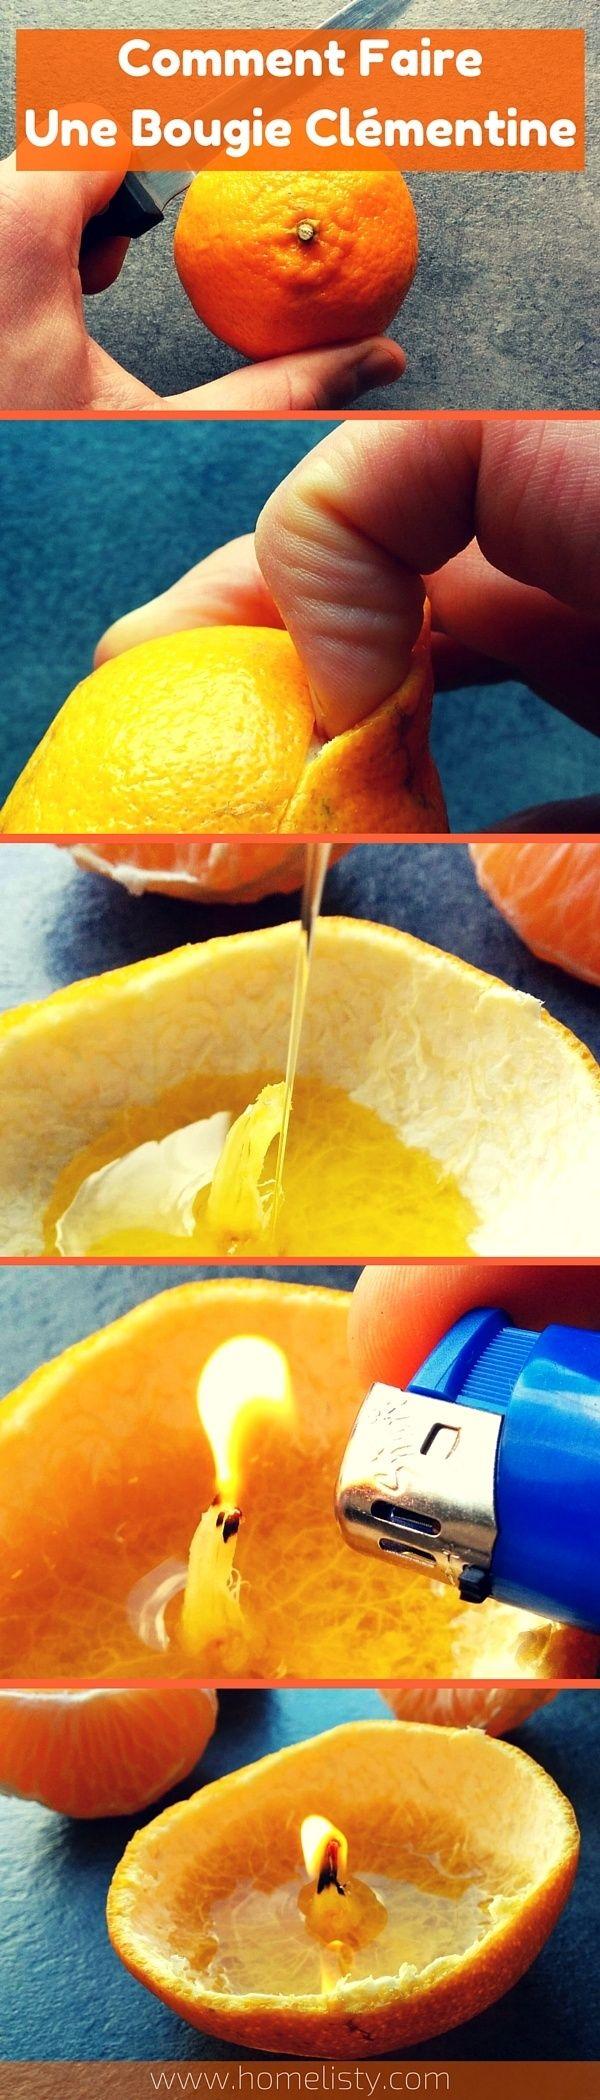 Comment faire une bougie avec clémentine  http://www.homelisty.com/faire-une-bougie-avec-une-clementine-tutoriel-photos/